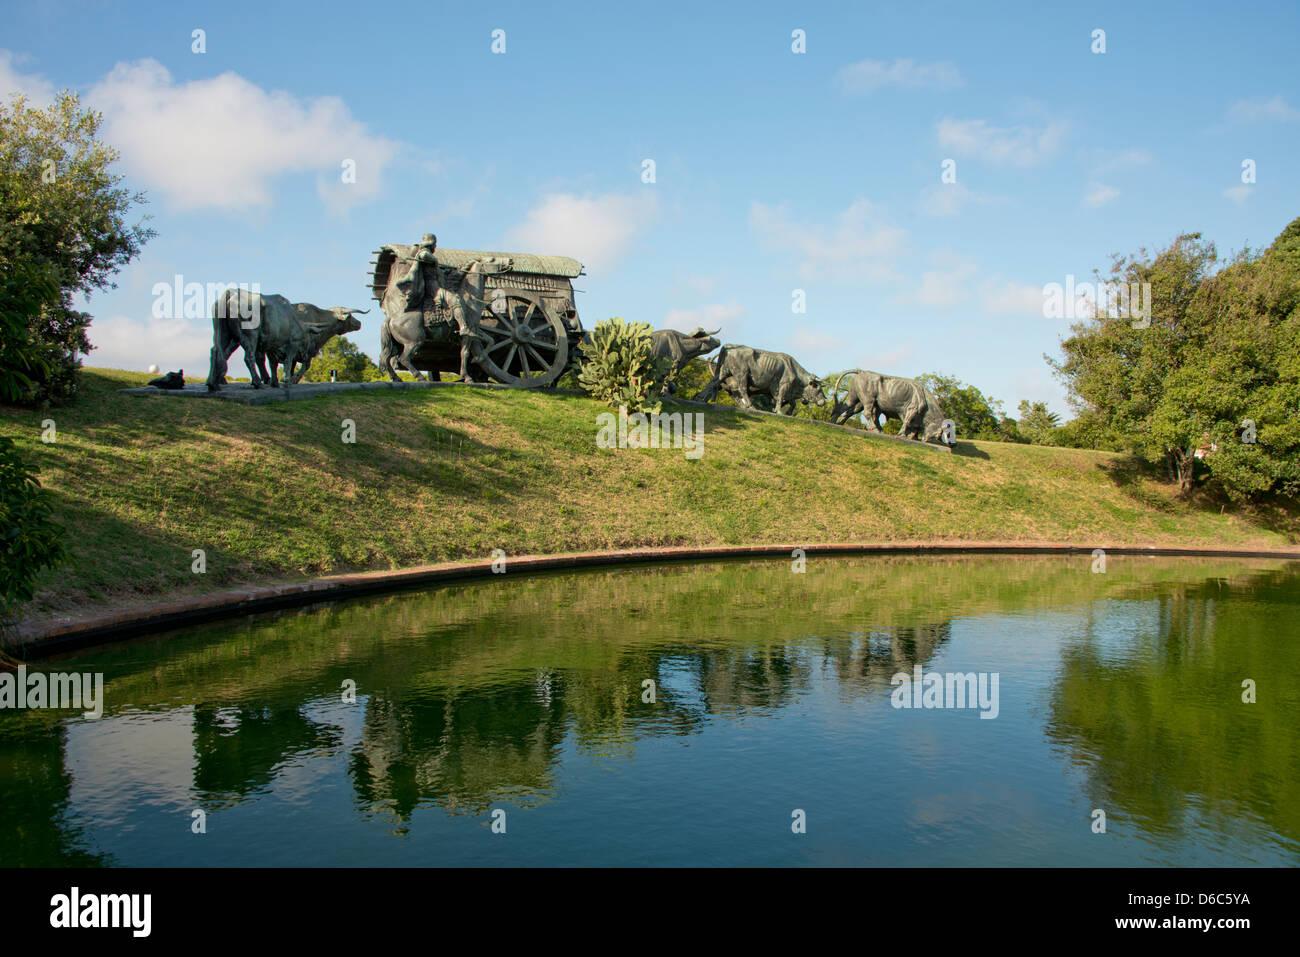 L'Uruguay, Montevideo, Battle Park (Parque Jose bataille y Ordonez). La Carreta, célèbre sculpture. Photo Stock